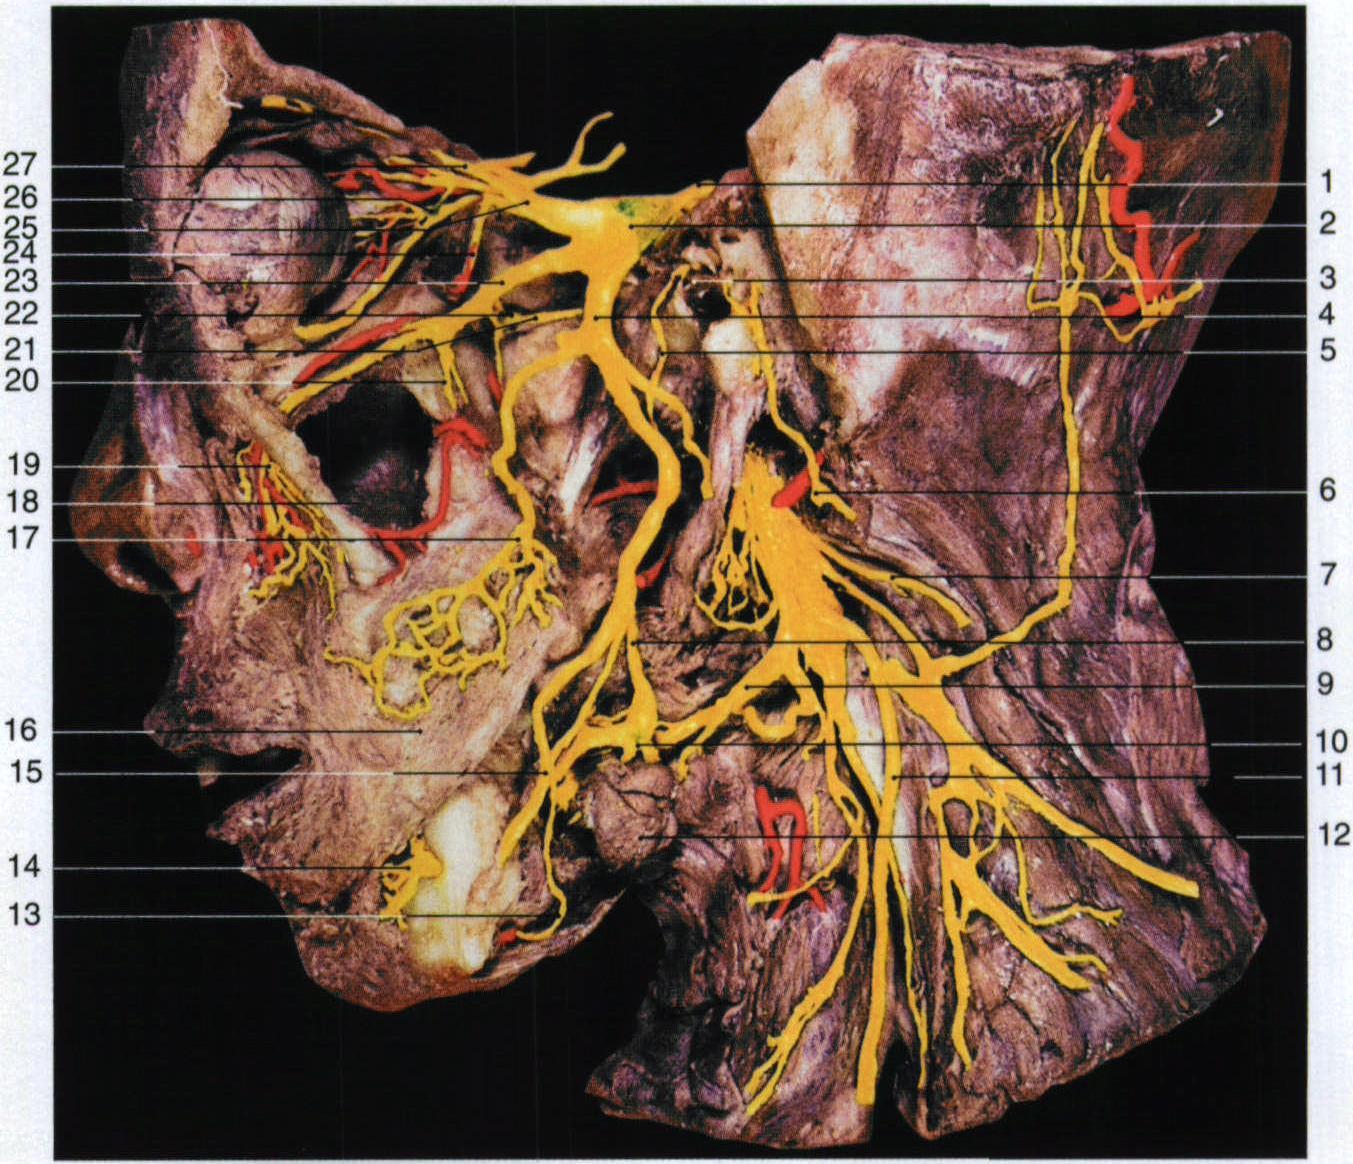 舌下面的结构图